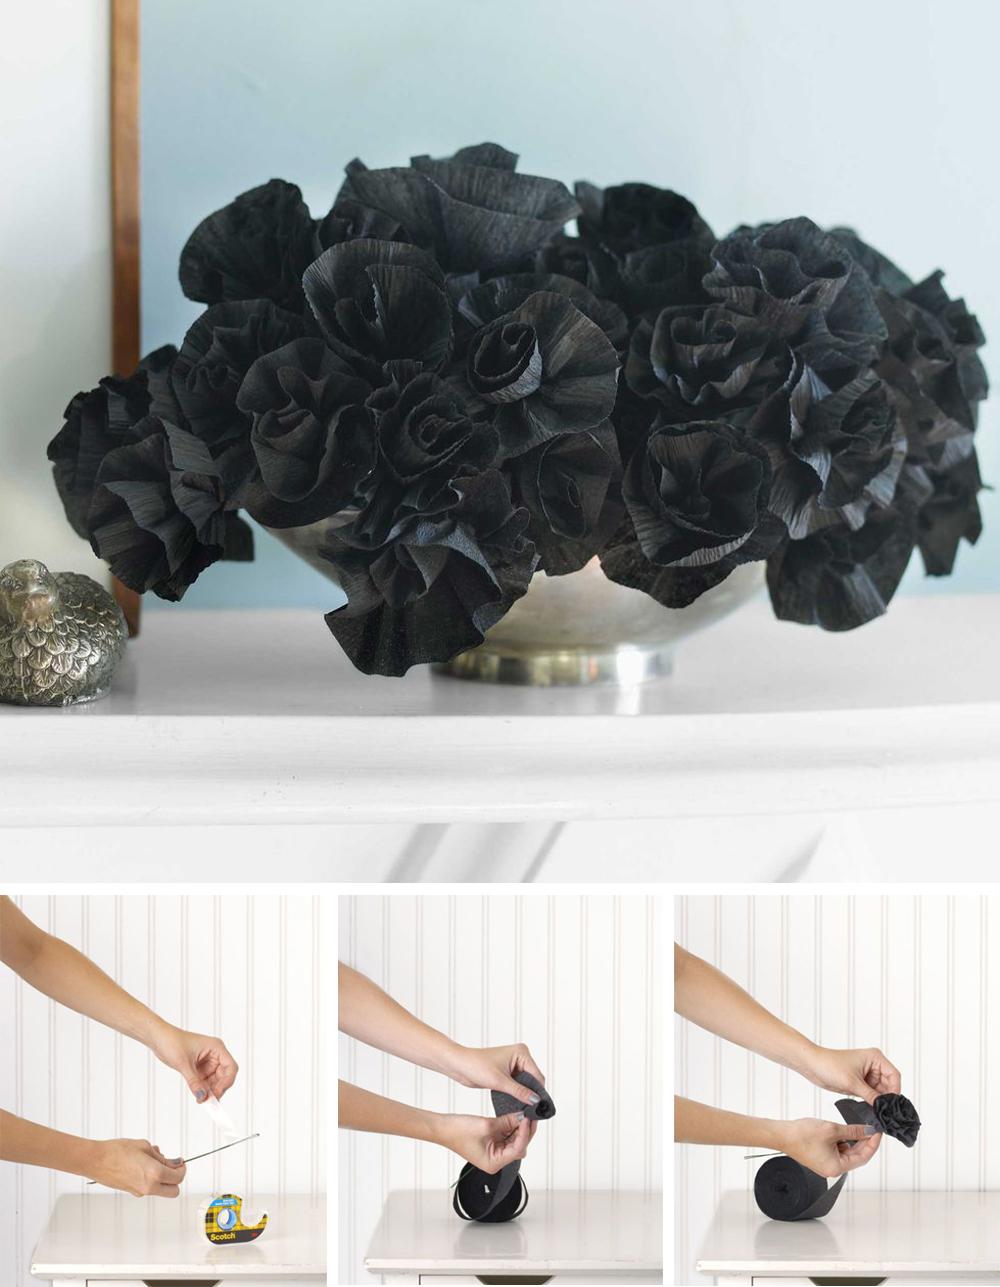 diy para decorar en halloween con ramo de flores negro terrorifico de papel fácil y económico